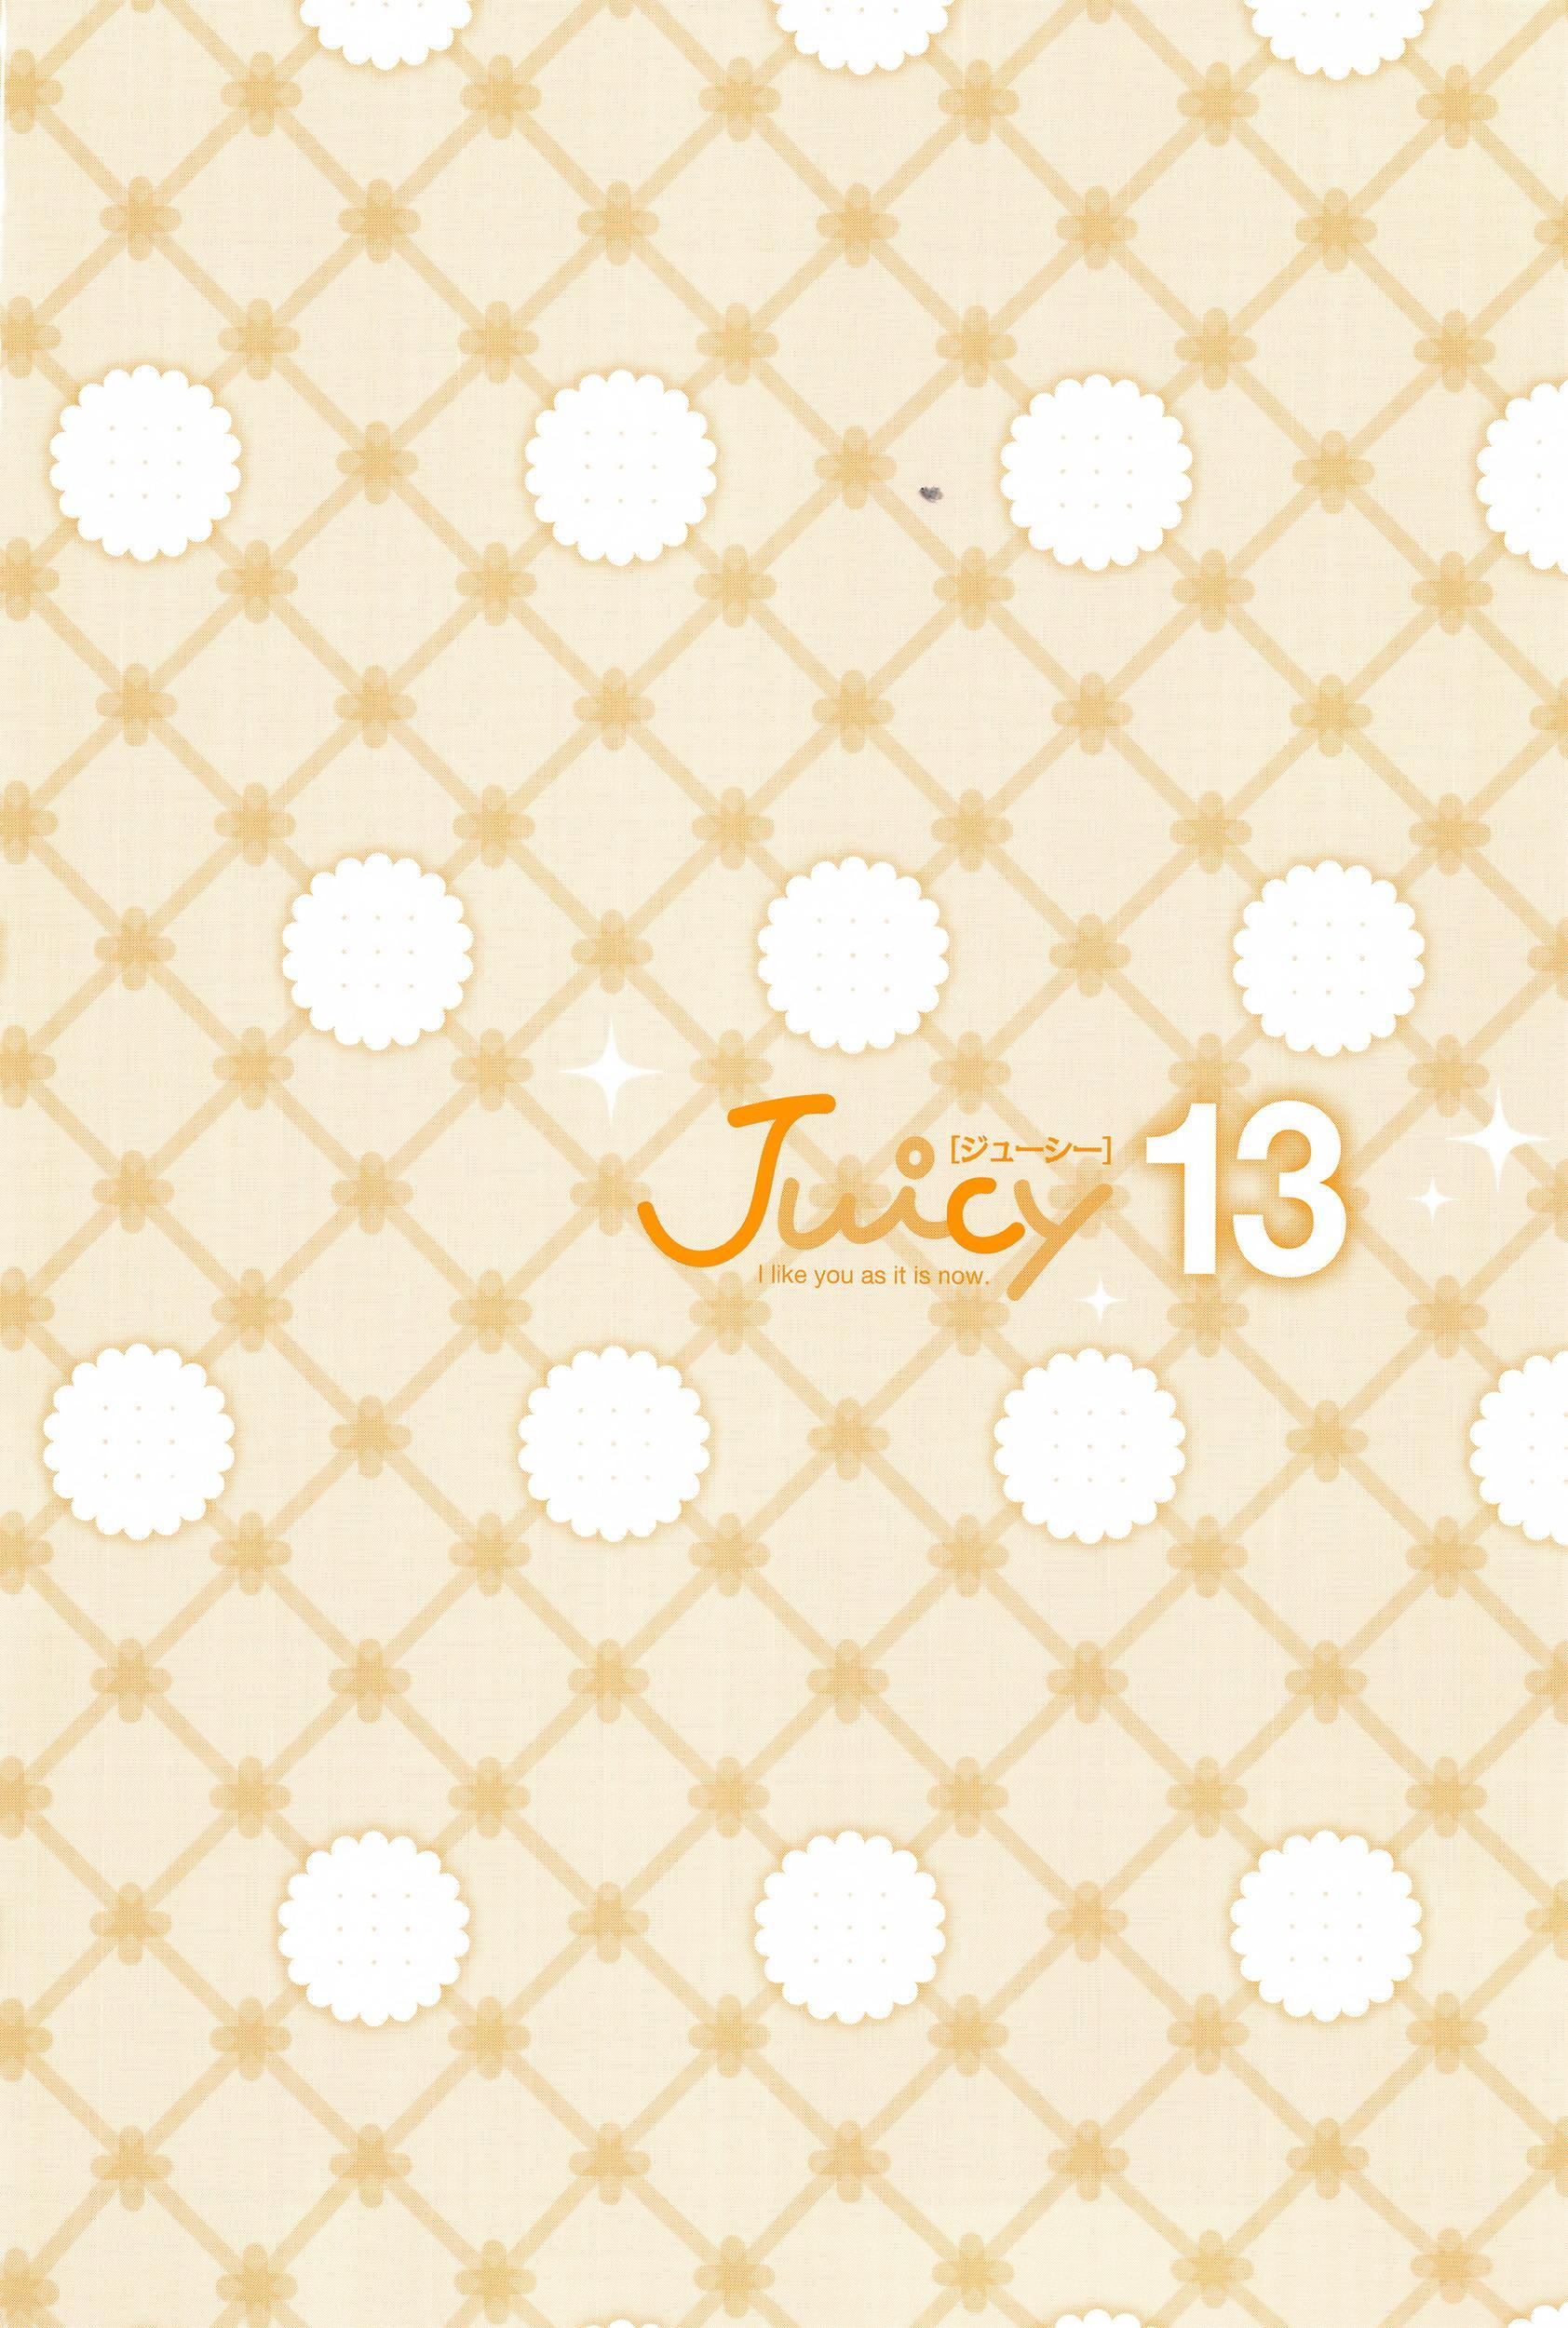 Juicy No. 13 2016-04 2